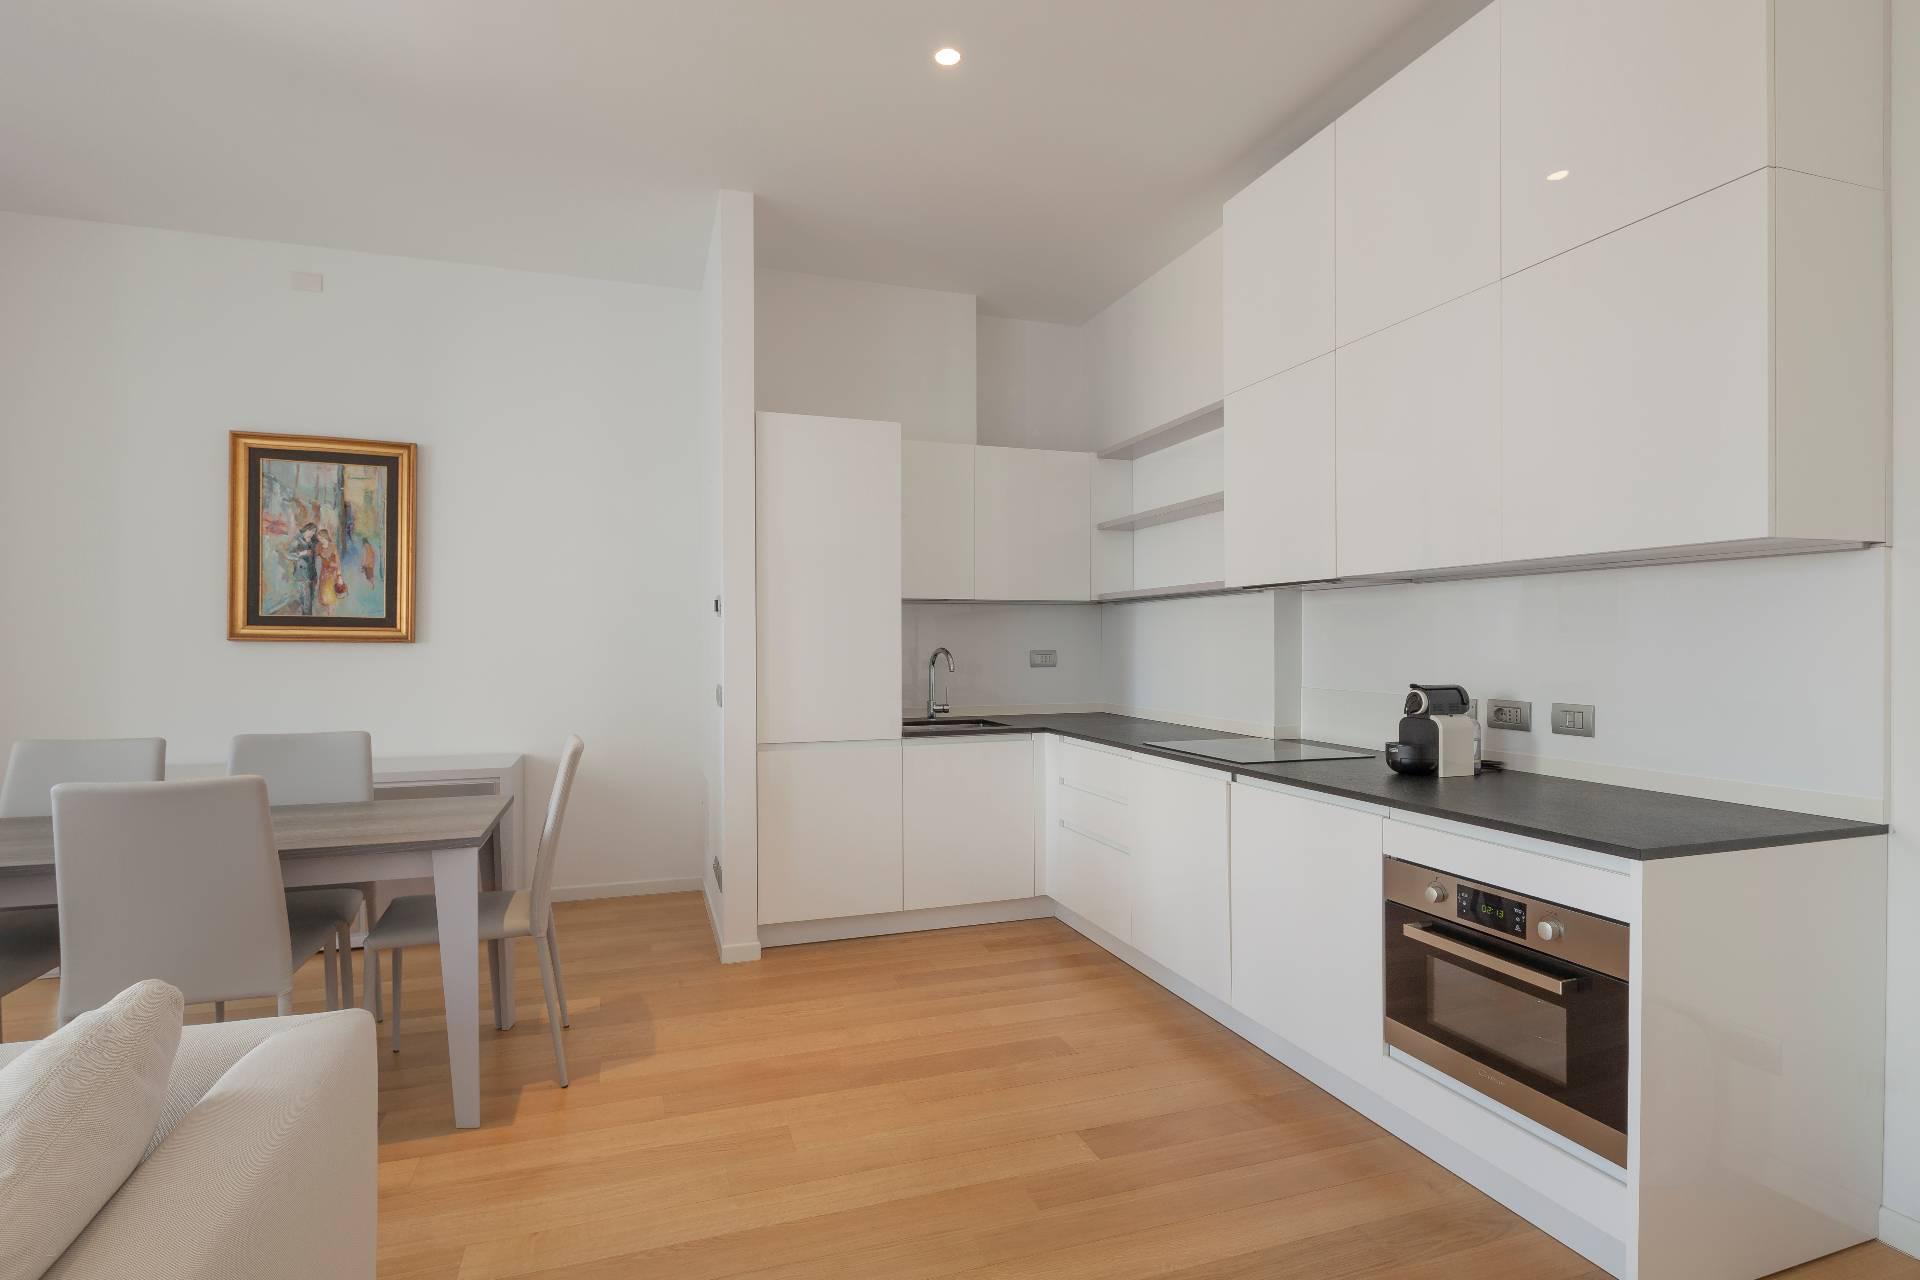 Appartamento in Vendita a Milano: 3 locali, 68 mq - Foto 5